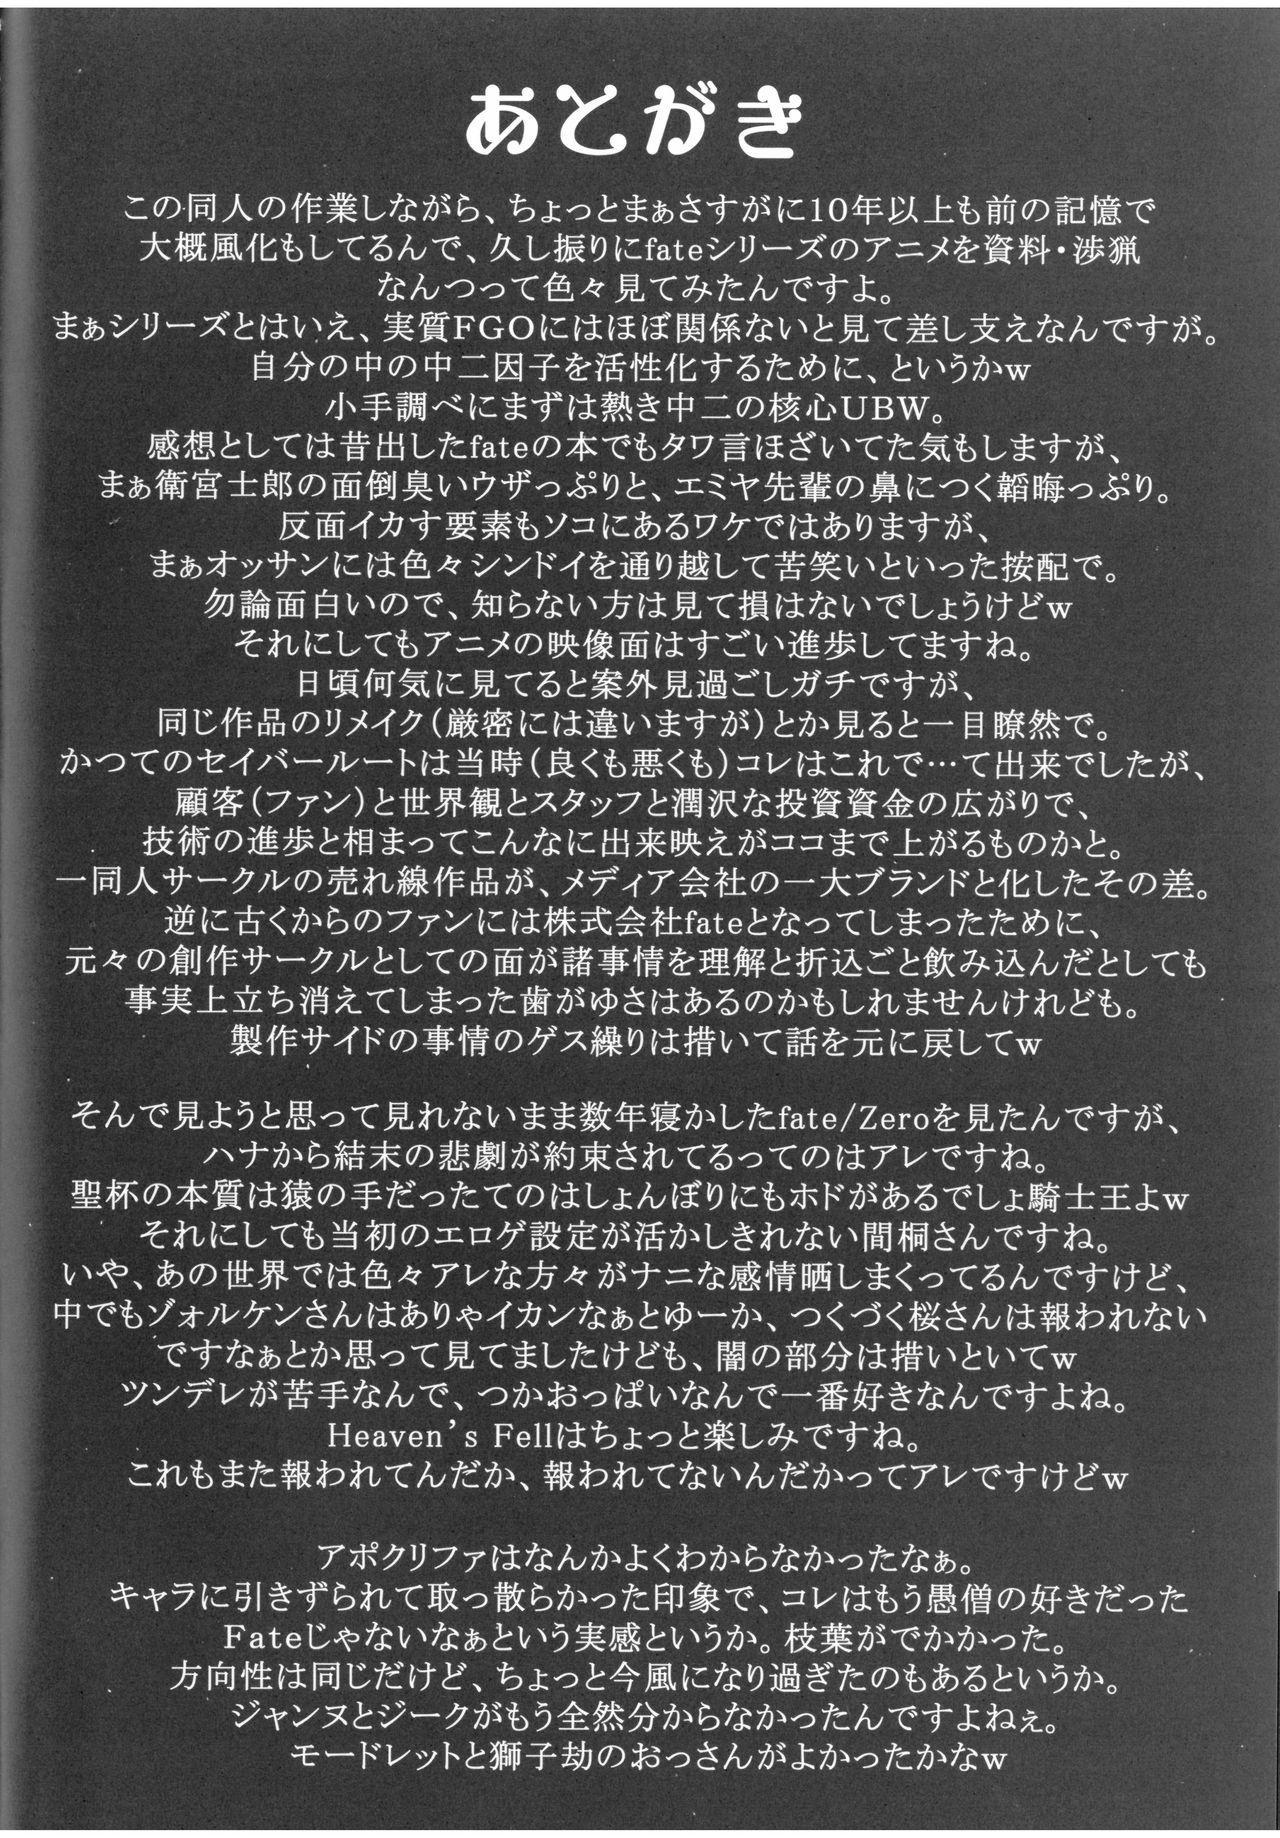 F/GO 26